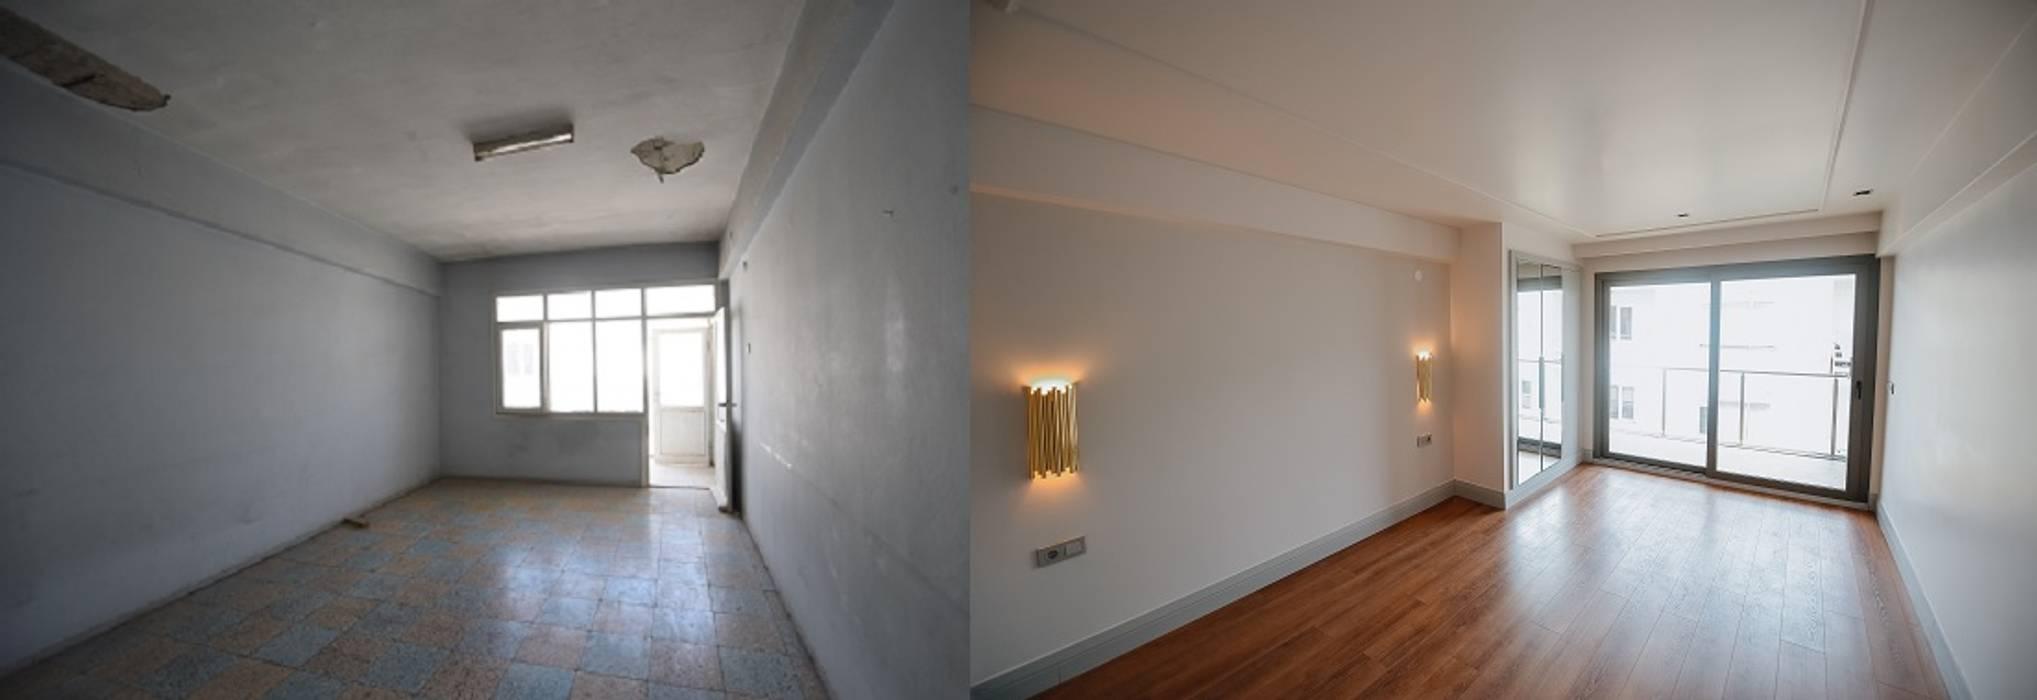 Orby İnşaat Mimarlık – Yatak Odası - Öncesi / Sonrası:  tarz